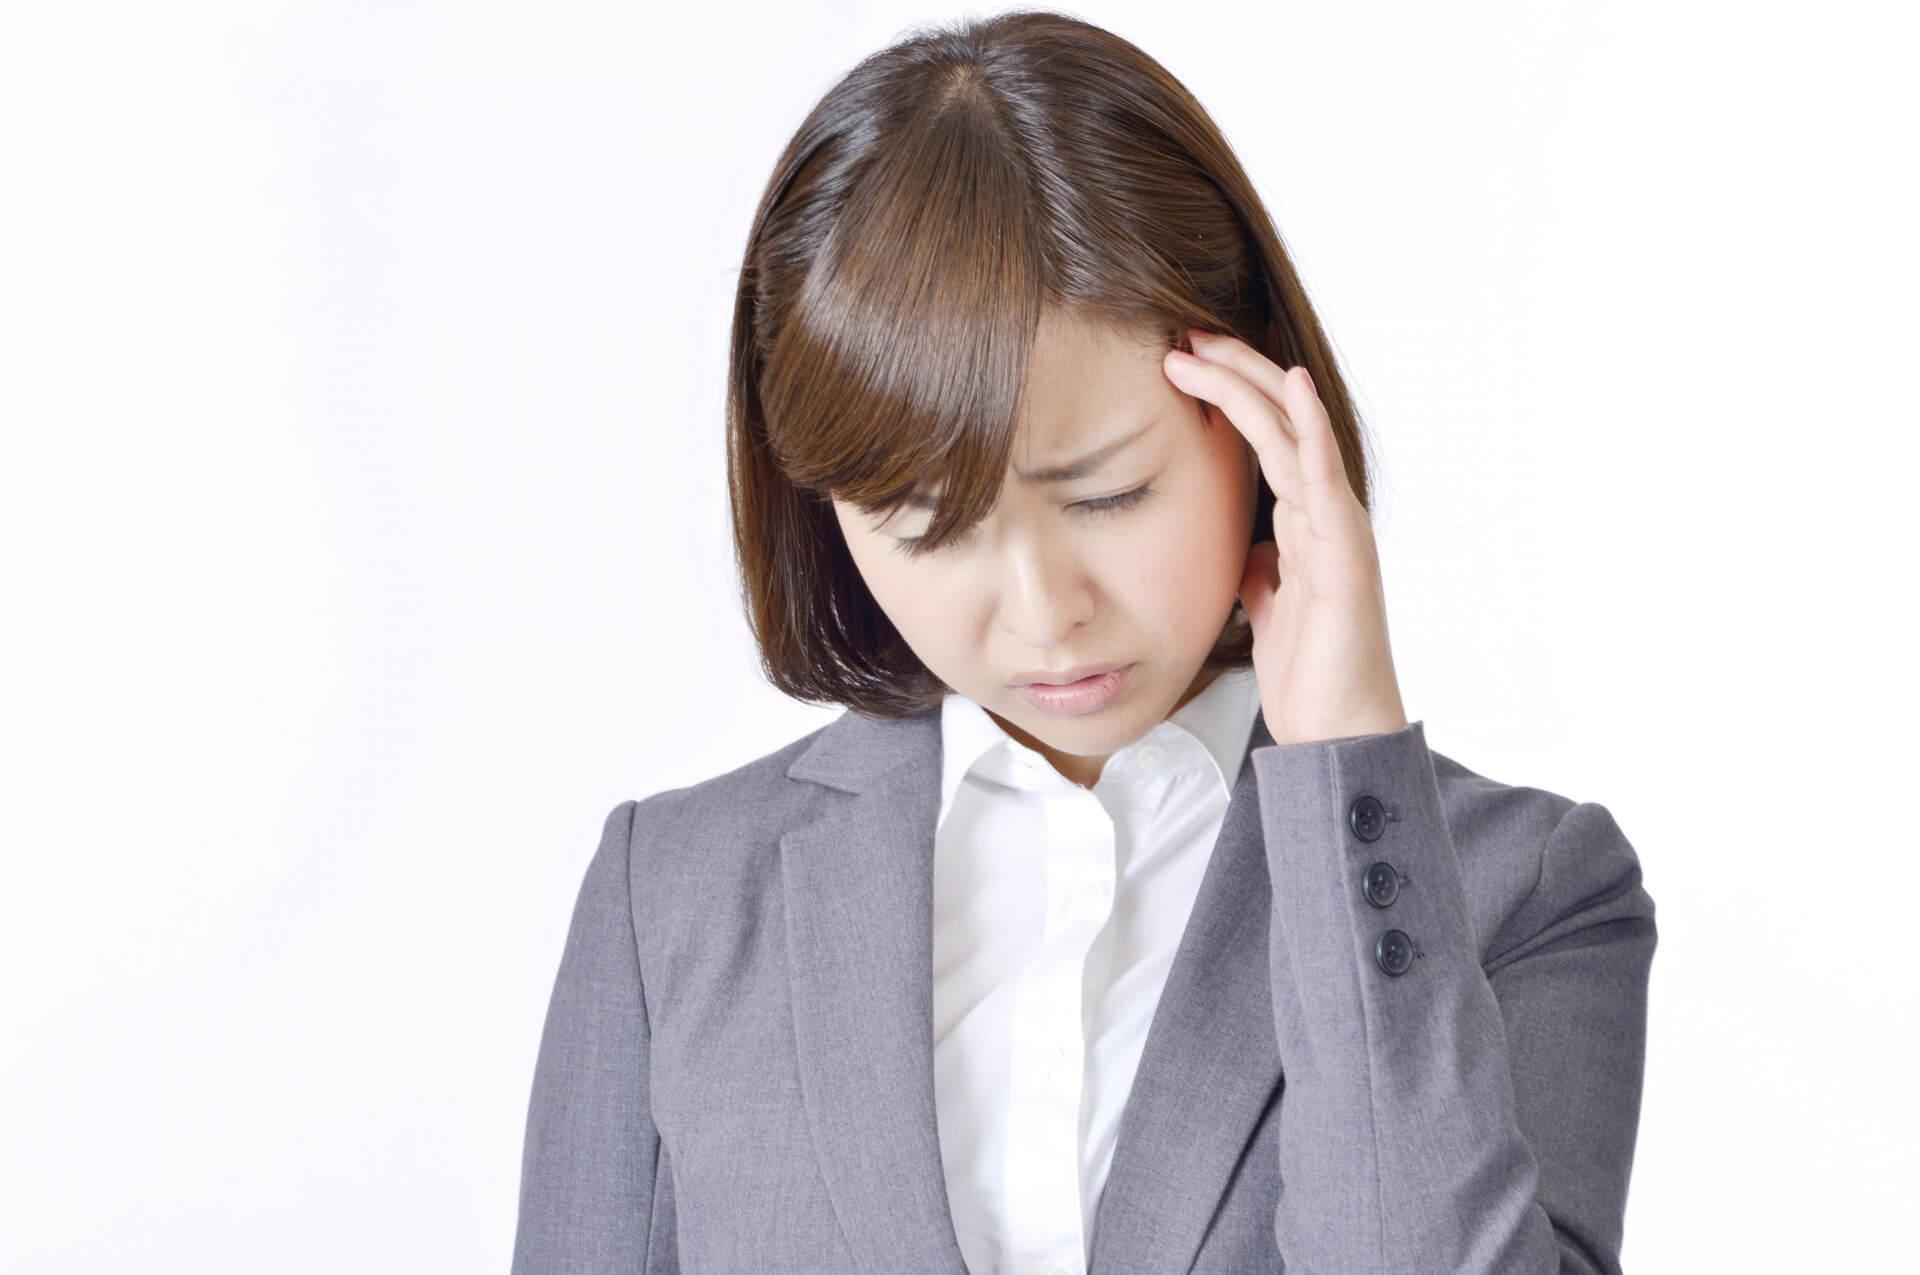 あなたの頭痛は何頭痛??